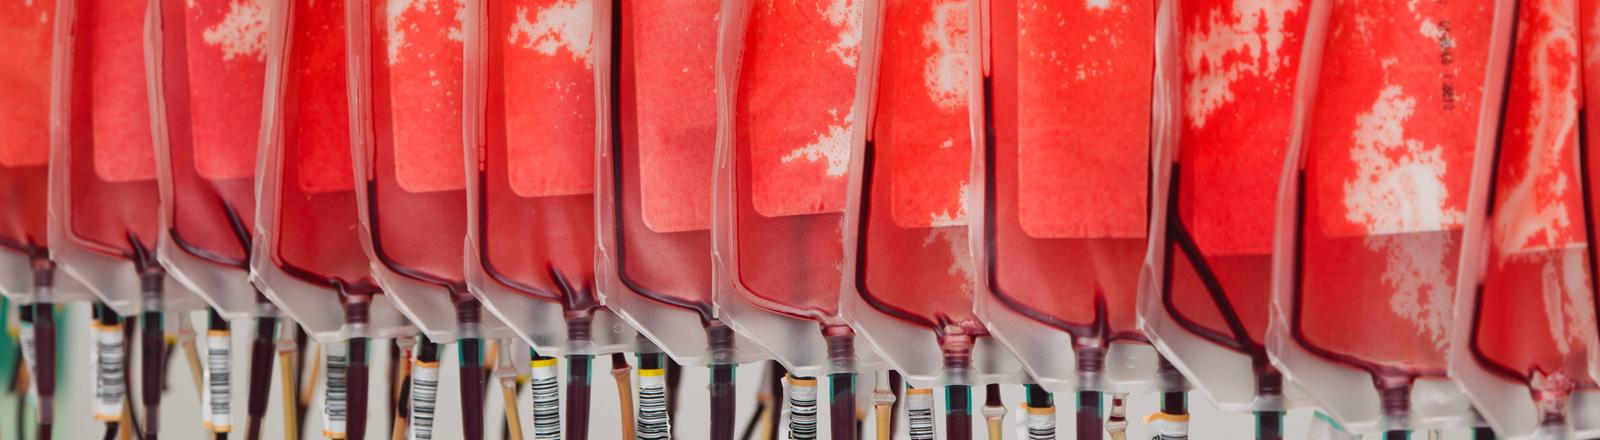 Blutkonserven von Blutspendern im Blutlabor.